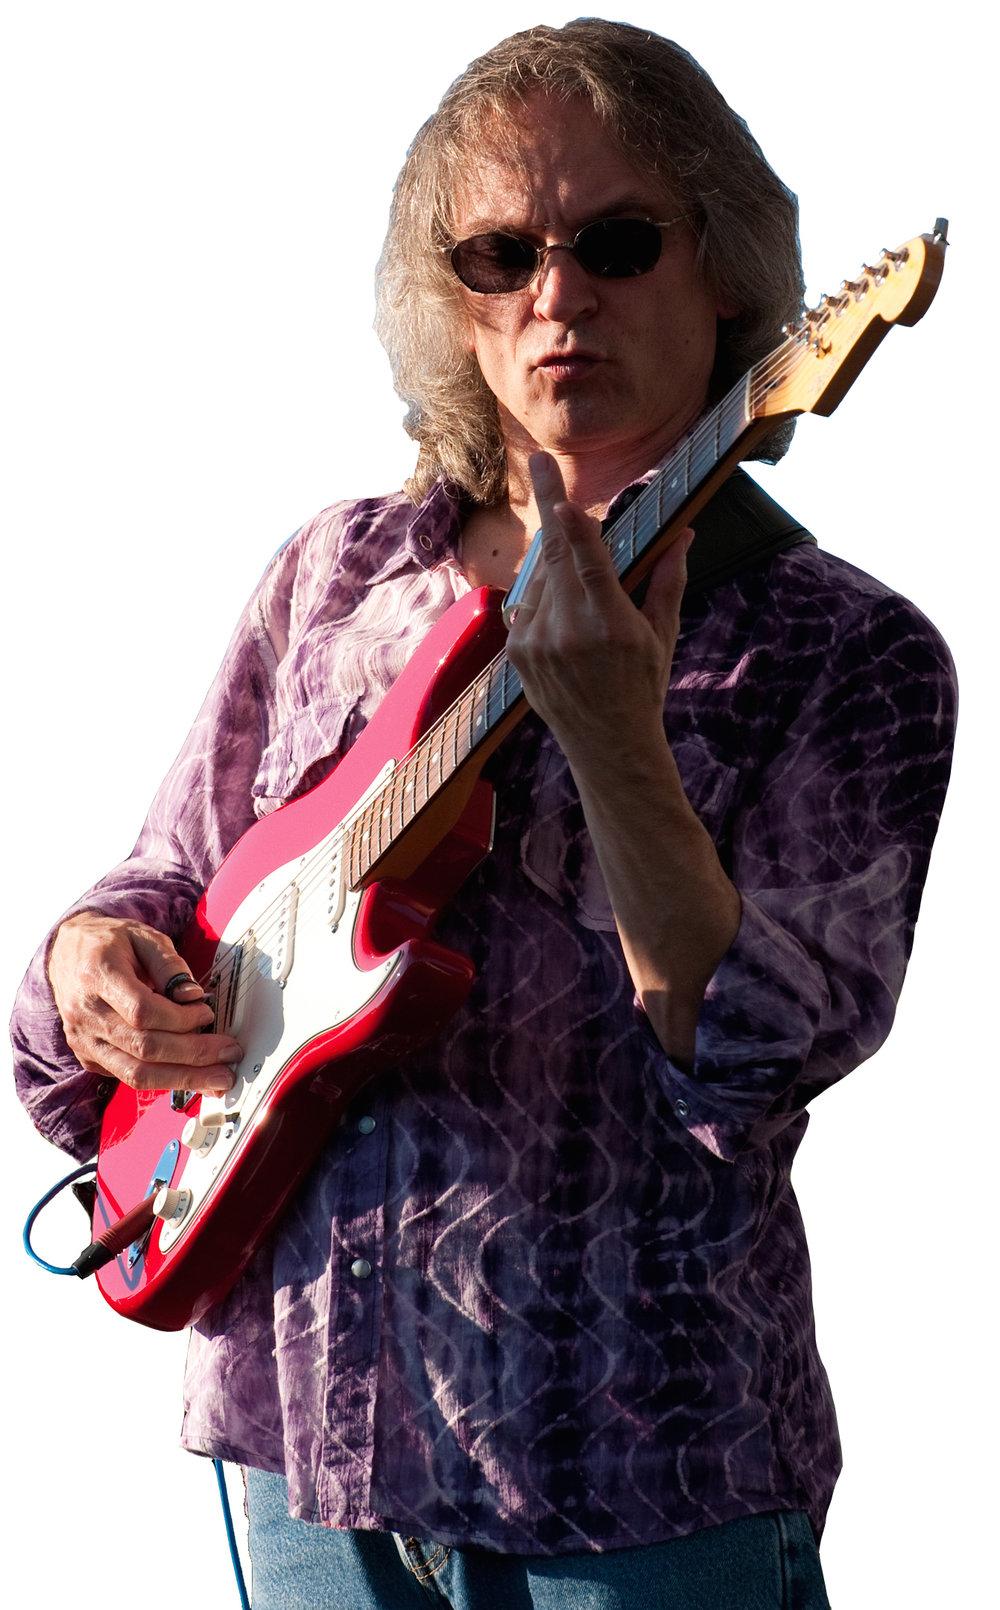 Sonny Landreth © 2011 Lynda Shenkman